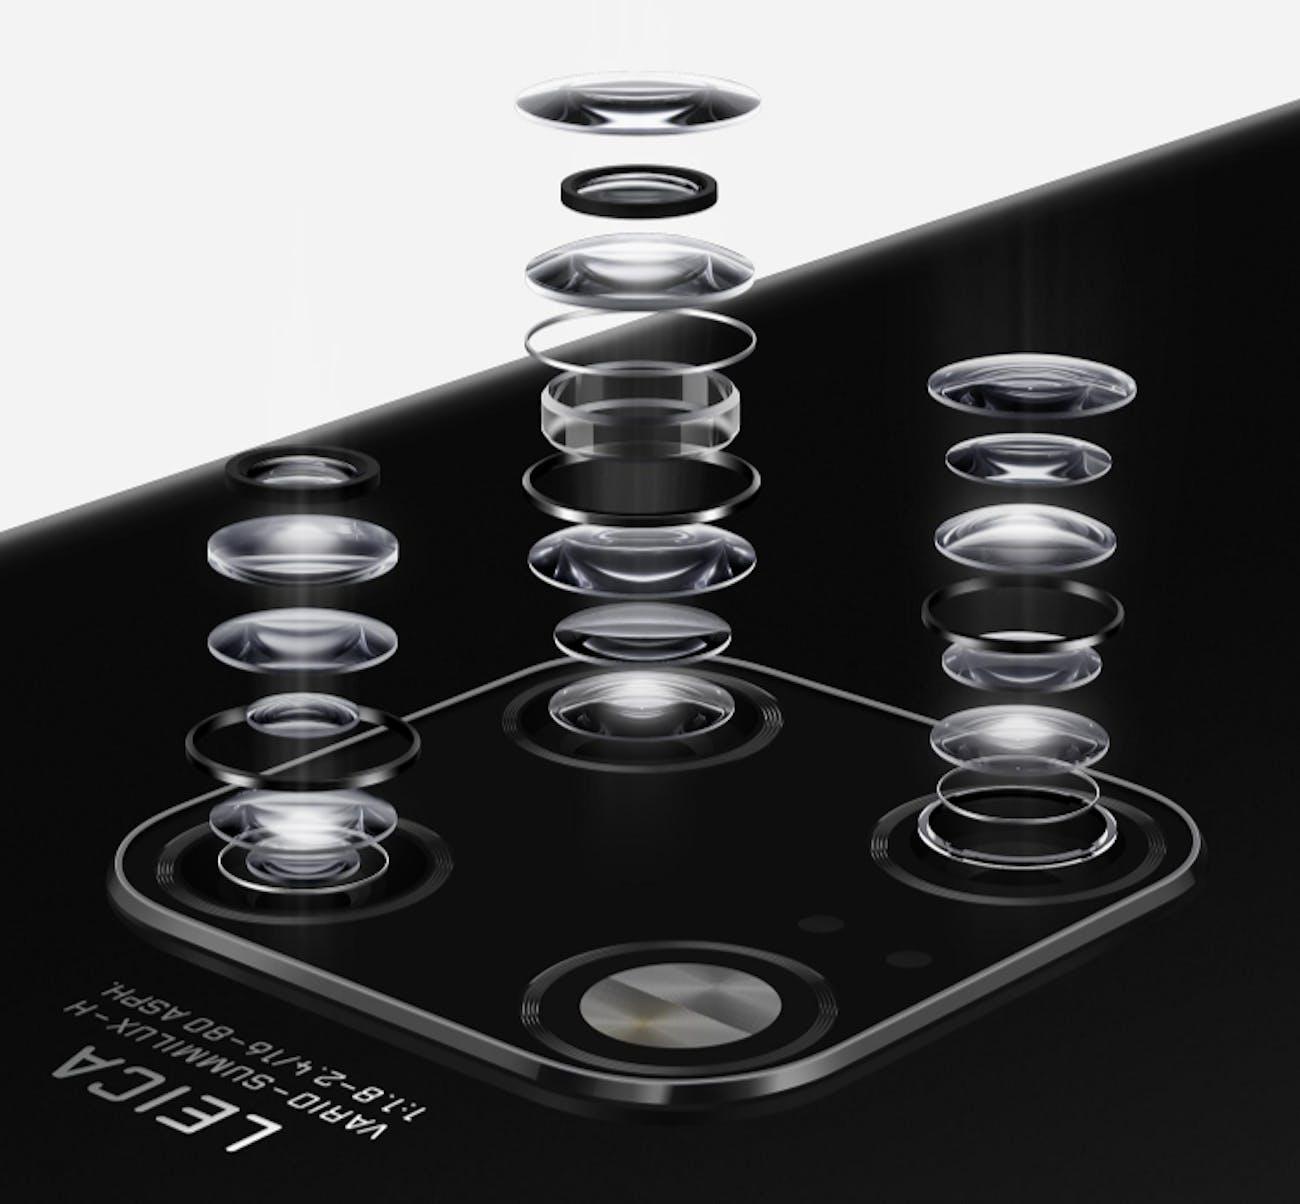 Huawei mate 20 pro cameras